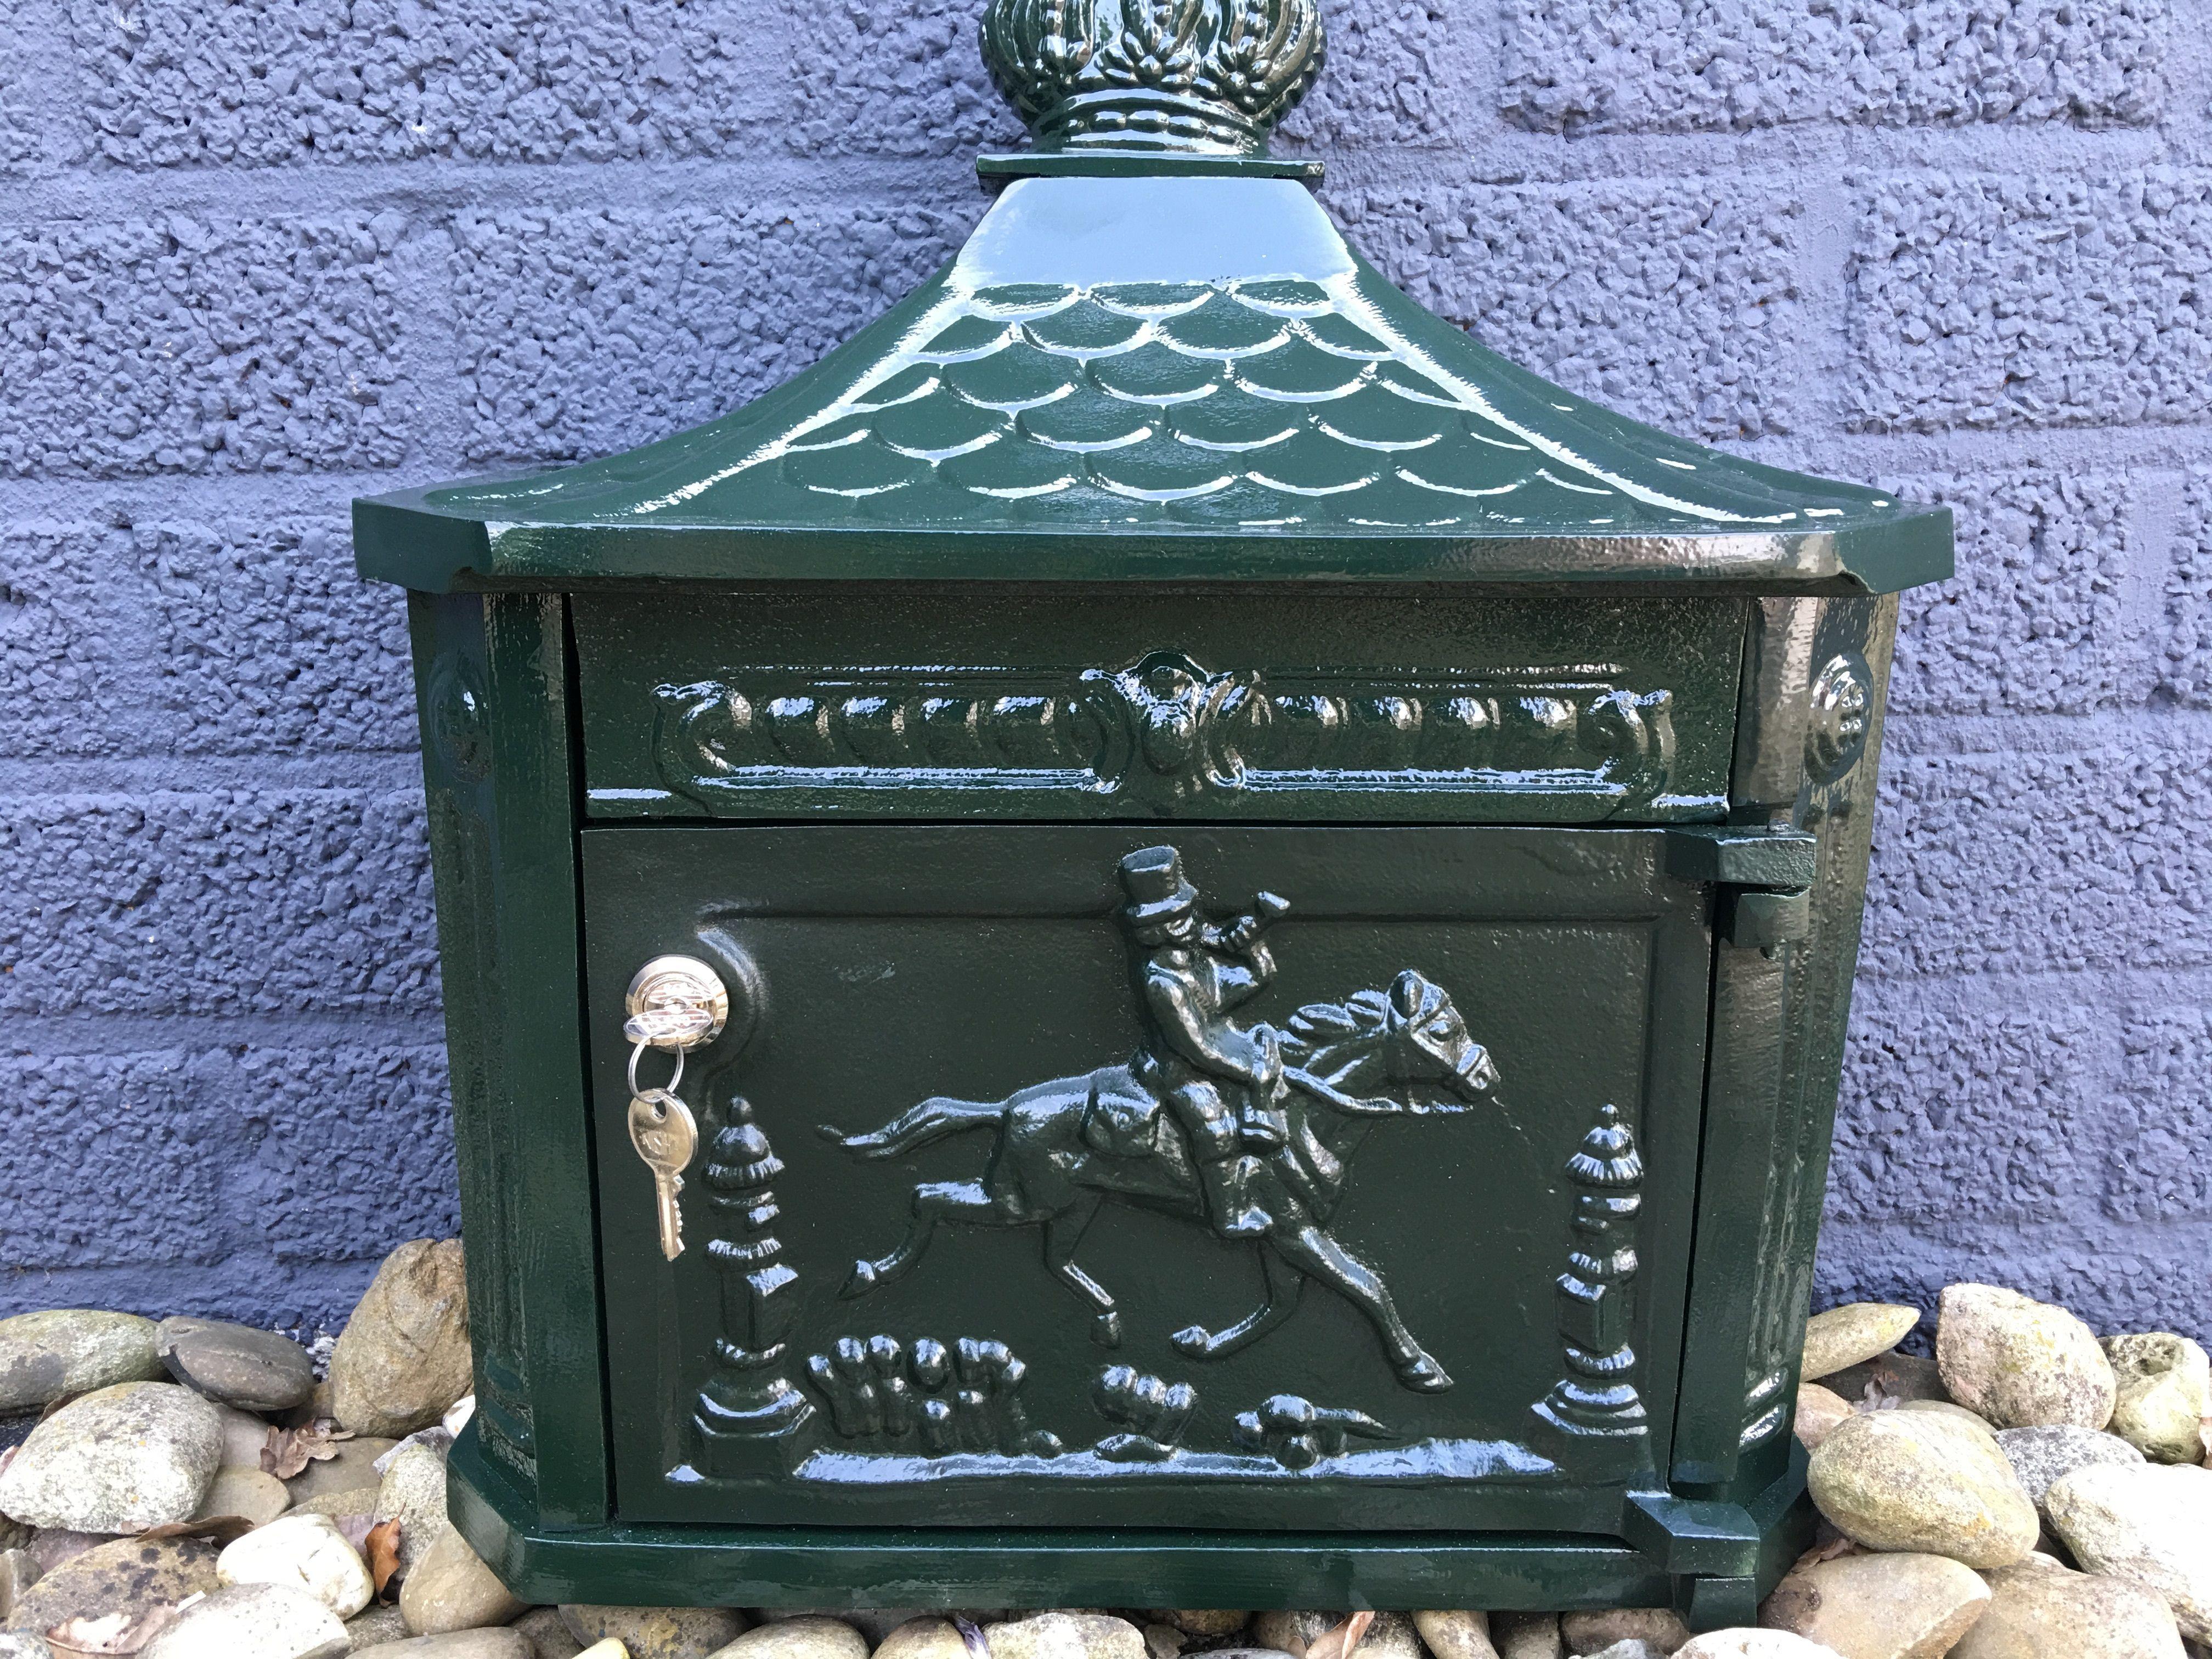 Favoriete Uw specialist voor decoratie, antiek, brievenbus, nostalgie WB99